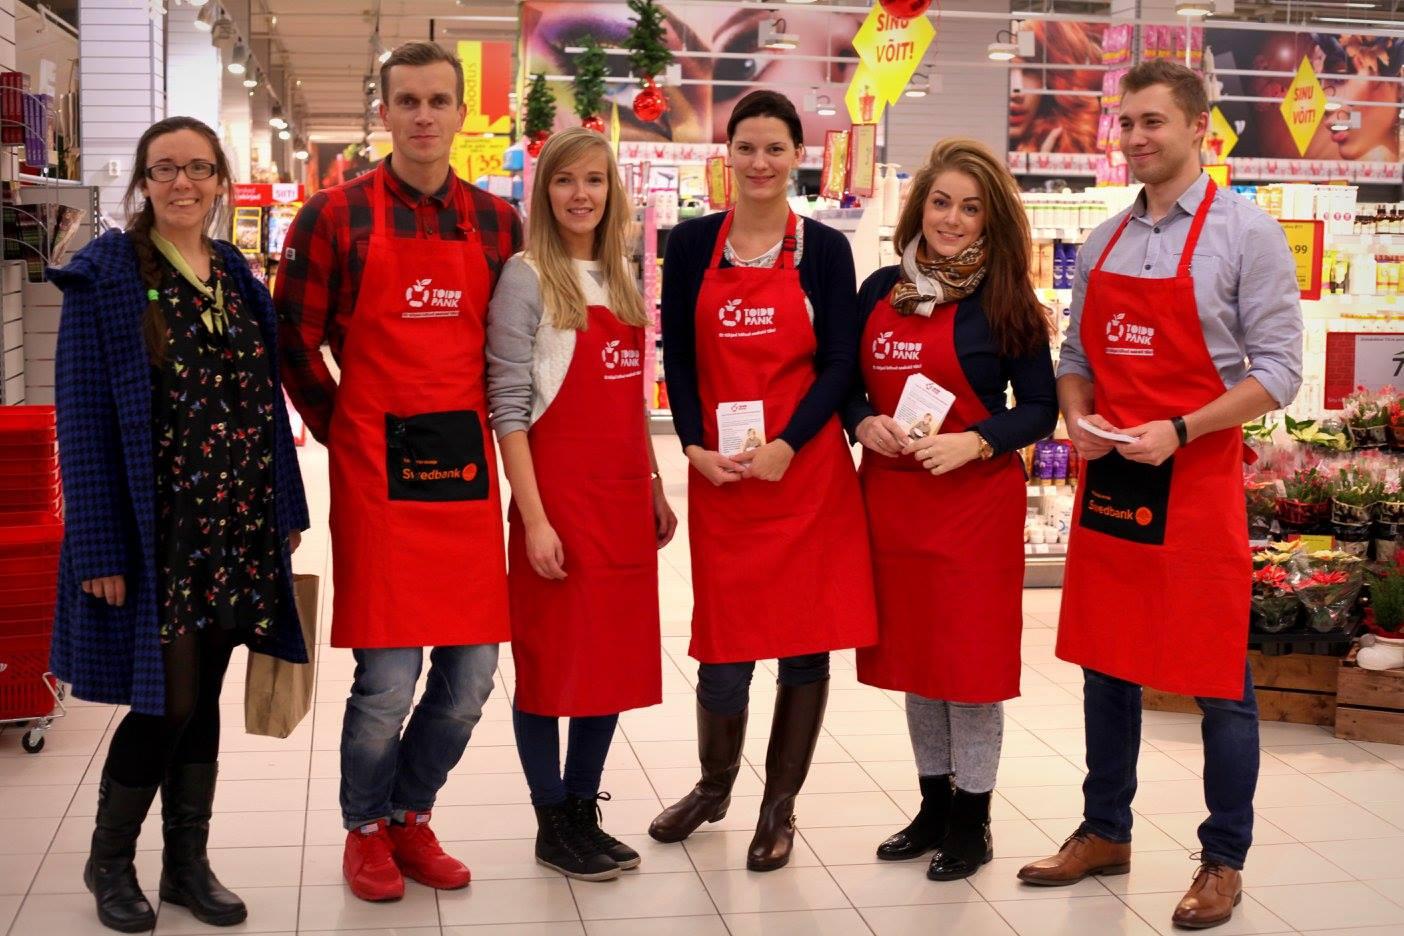 Selle aasta viimased toidukogumispäevad toimuvad 8. ja 9. detsembril